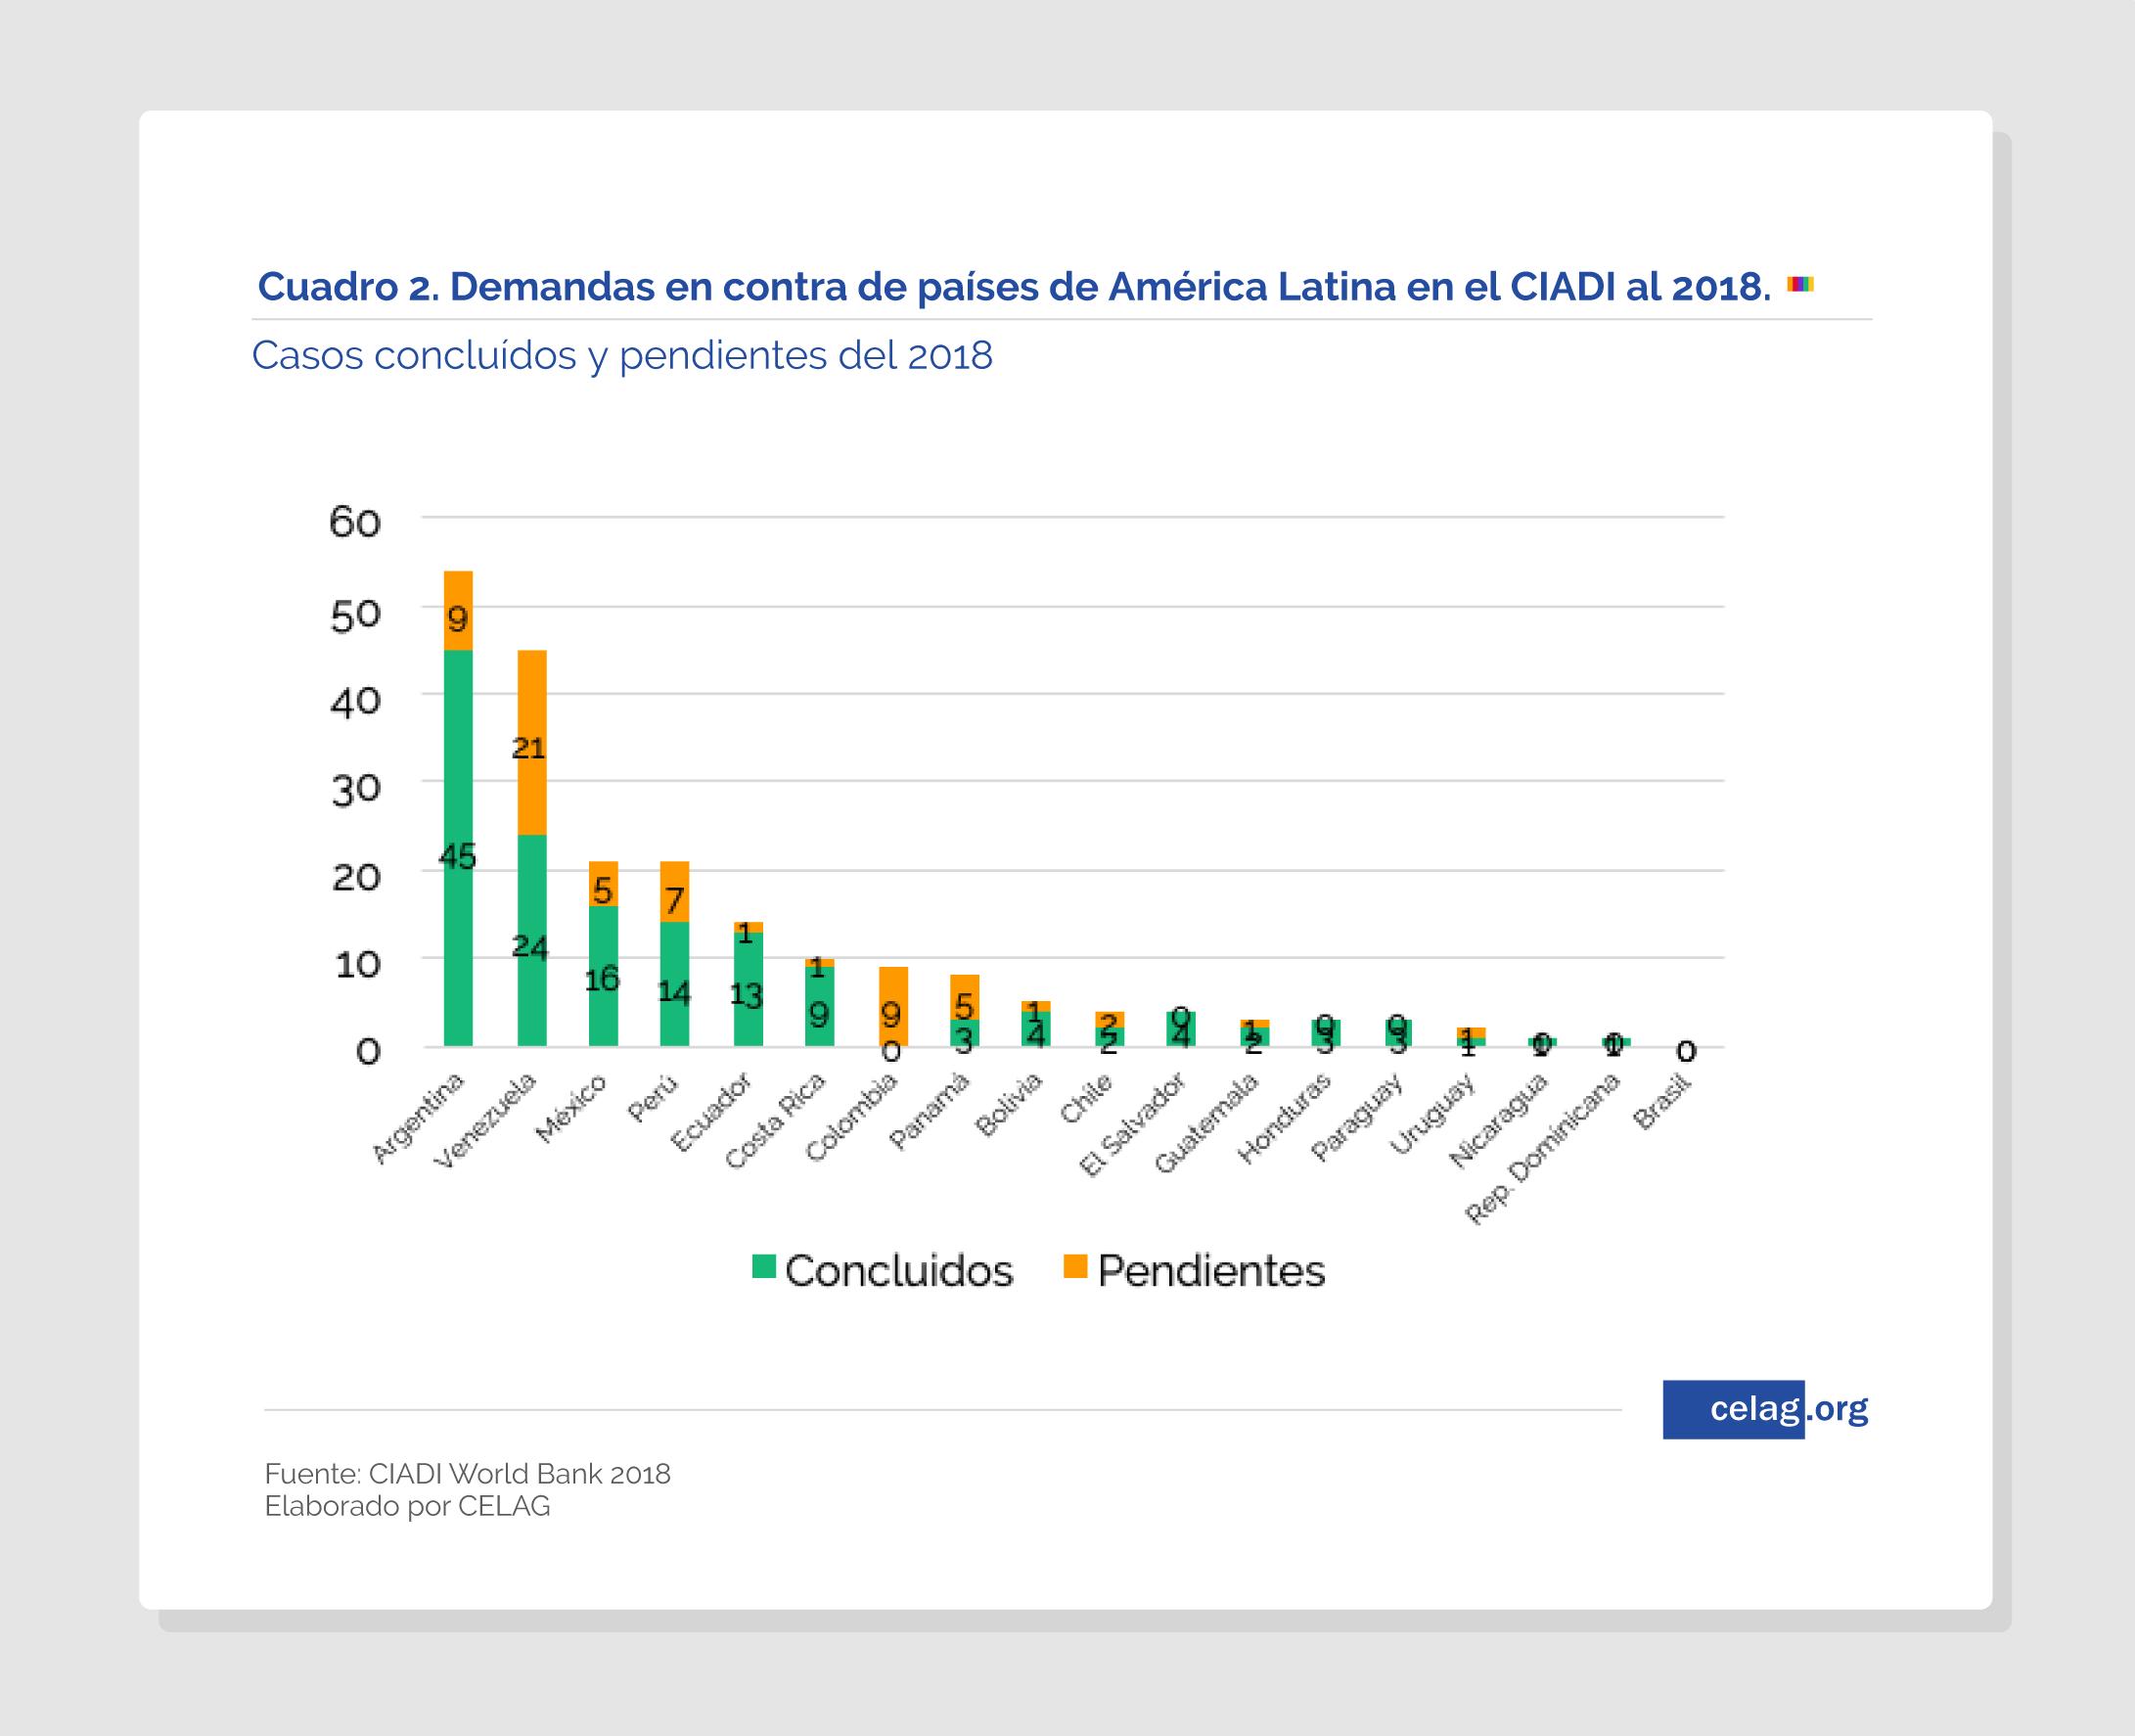 Demandas contra países de América Latina en el CIADI